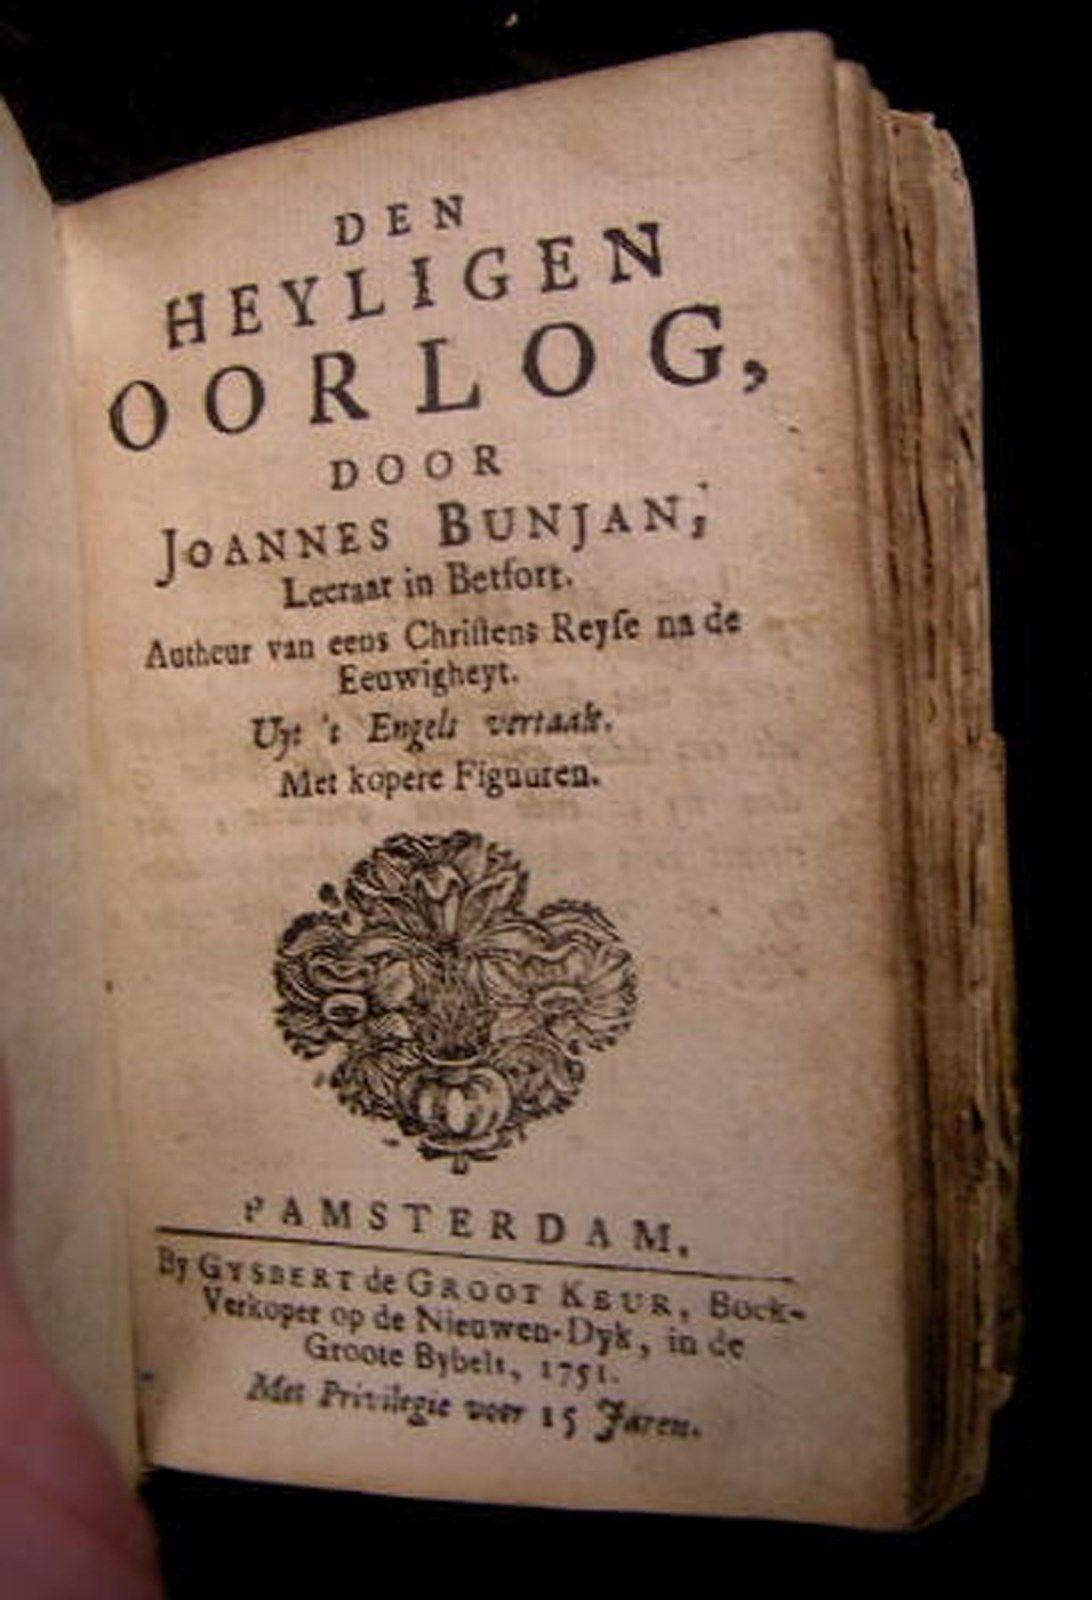 John Bunyan Book 'Den Heyligen Oorlog' – 1751